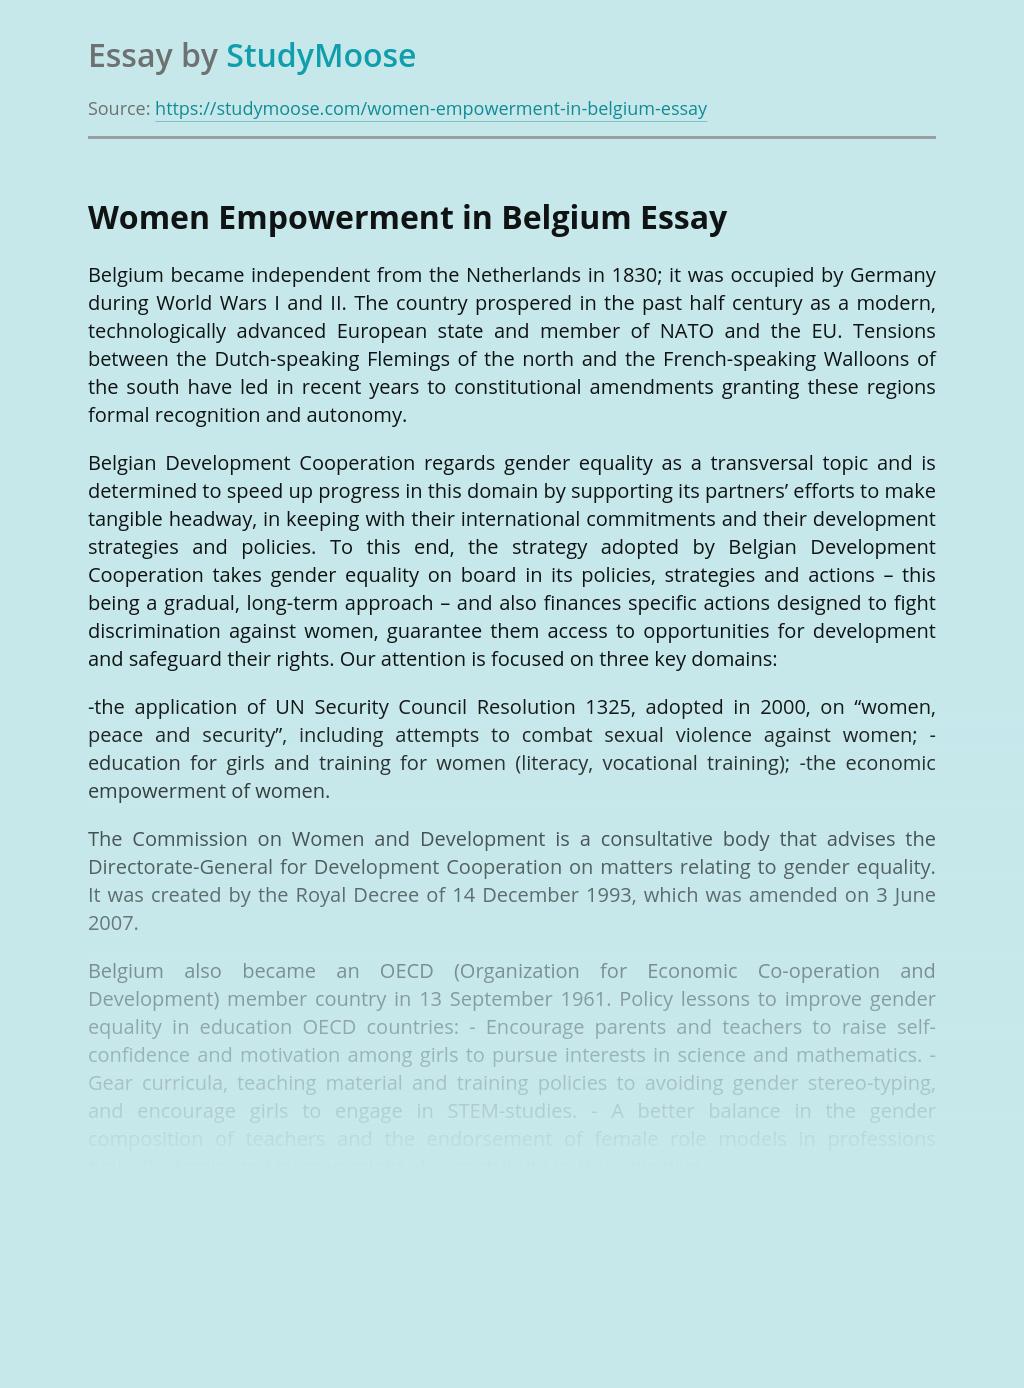 Women Empowerment in Belgium